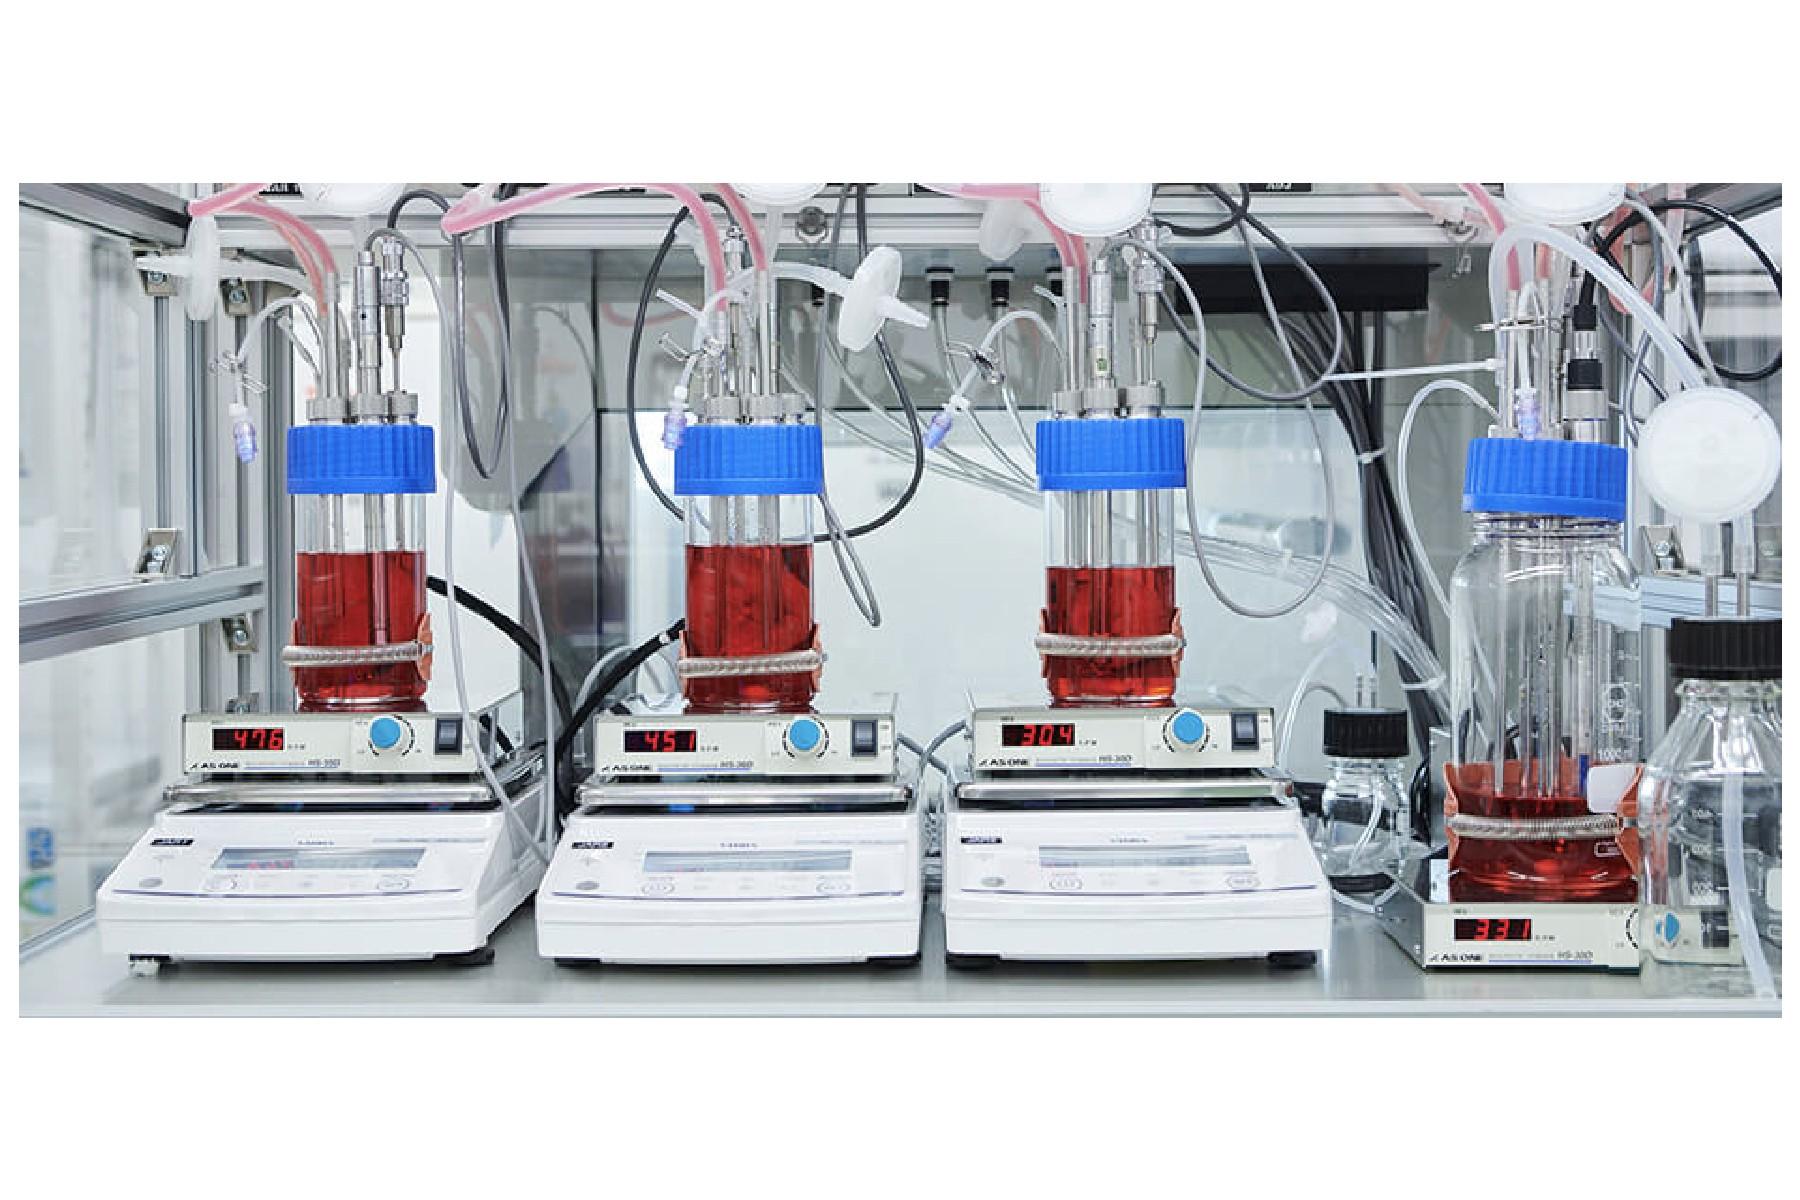 細胞培養スタートアップのインテグリカルチャー、8億円の資金調達実施